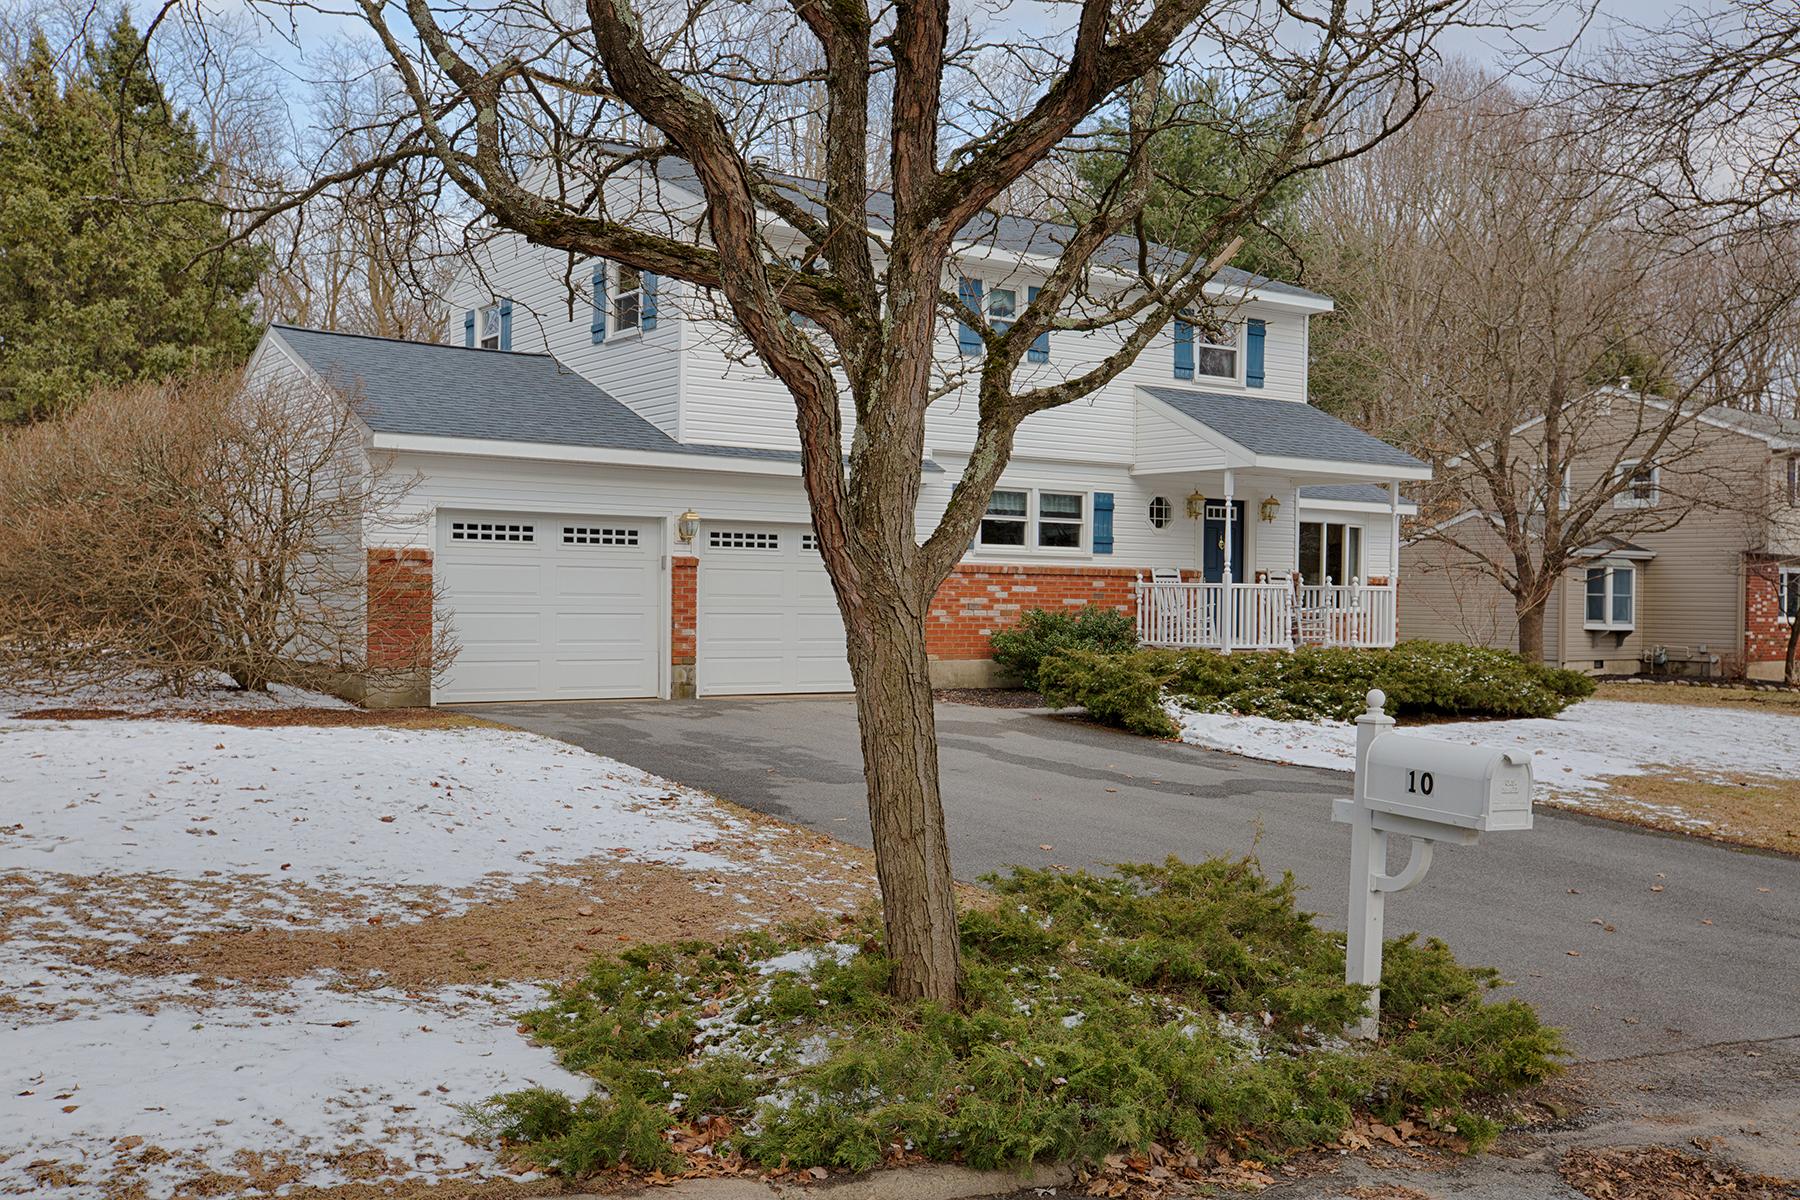 023 EAP Maria Barr 10 Lexington Rd Saratoga Springs crest 31.jpg